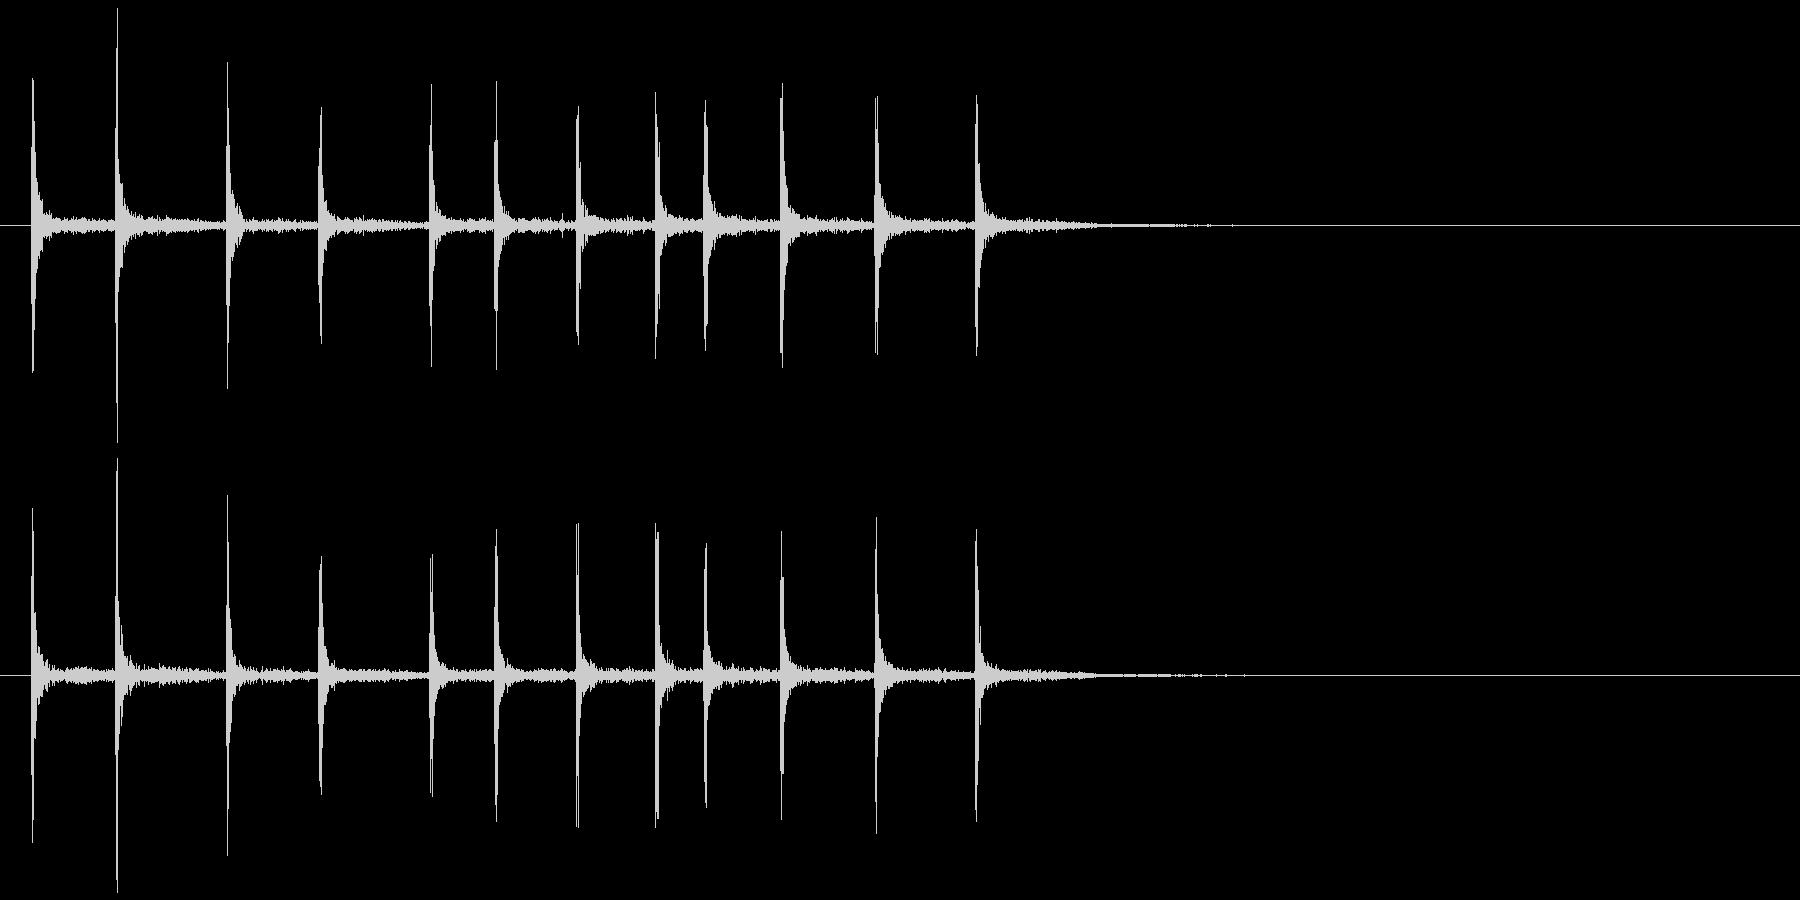 ゼンマイを巻く (キリリリ…)の未再生の波形